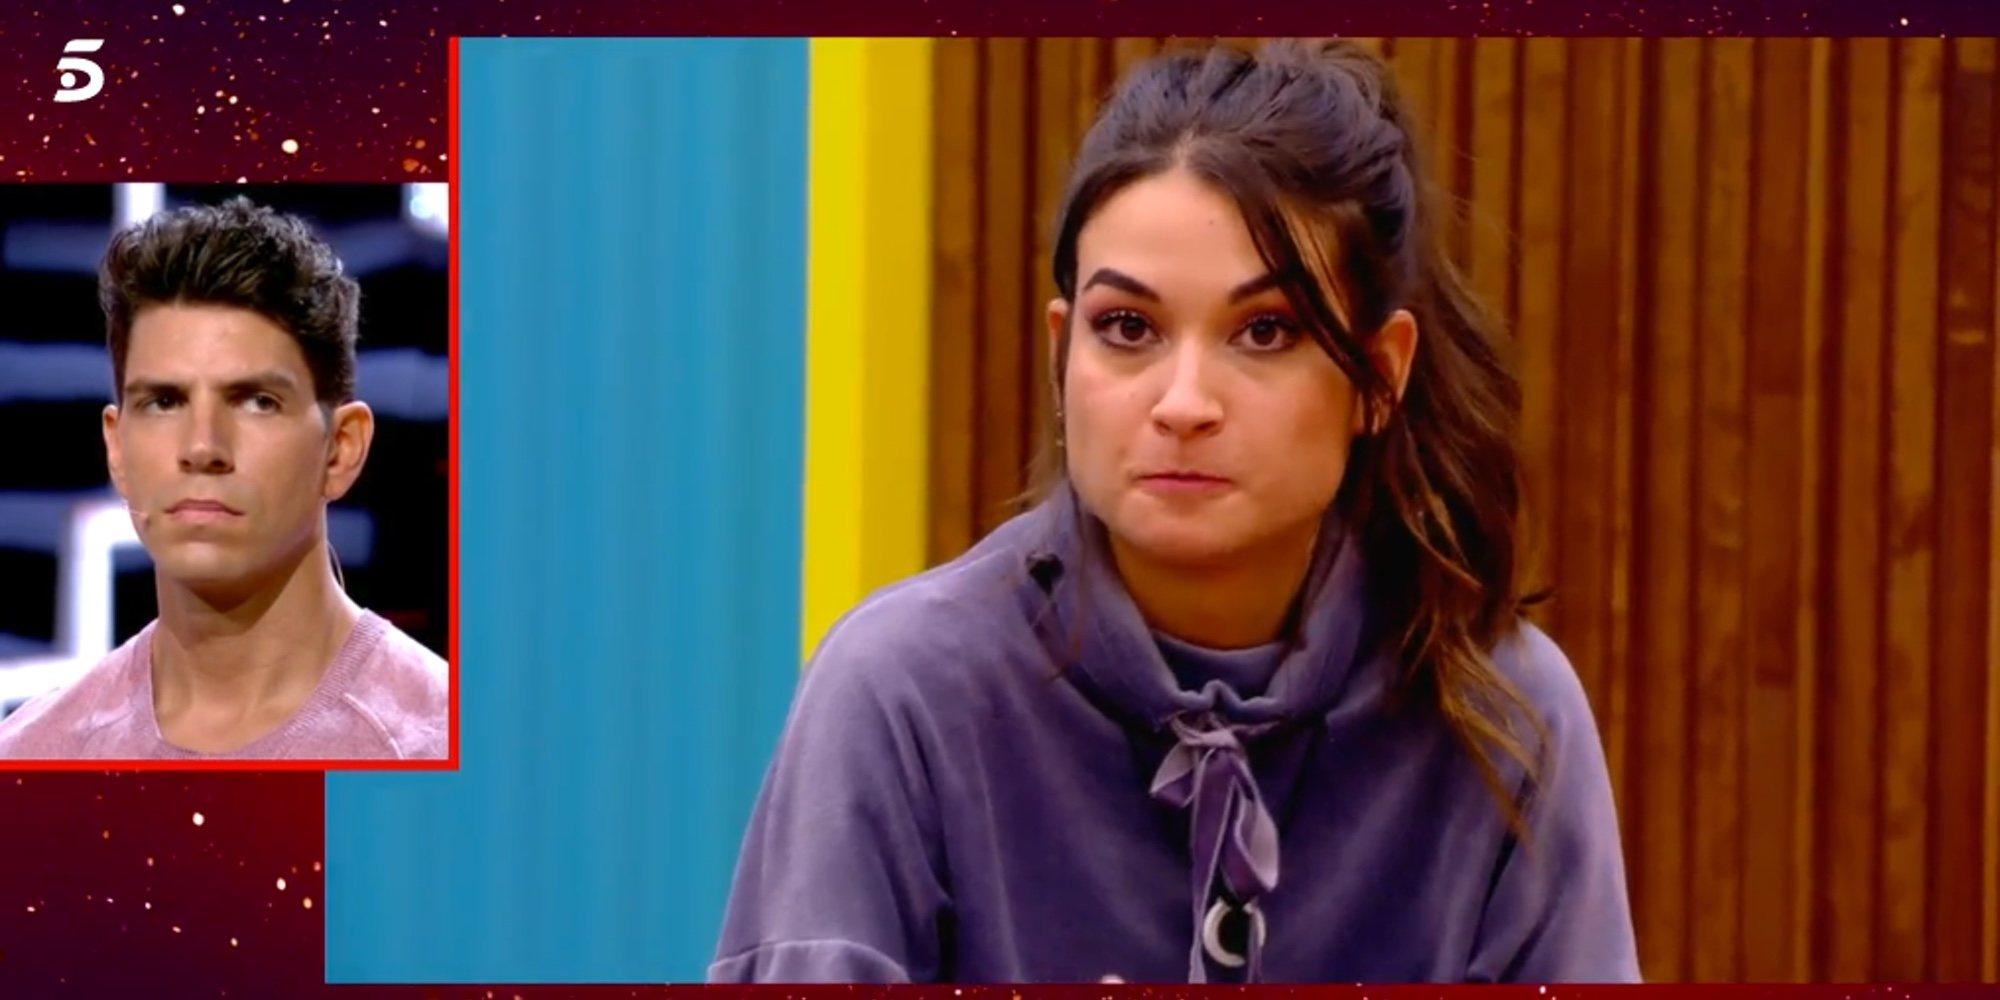 """Adara pone en un aprieto a Estela en 'GH VIP 7': """"¿Has tenido tus sentimientos siempre claros?"""""""